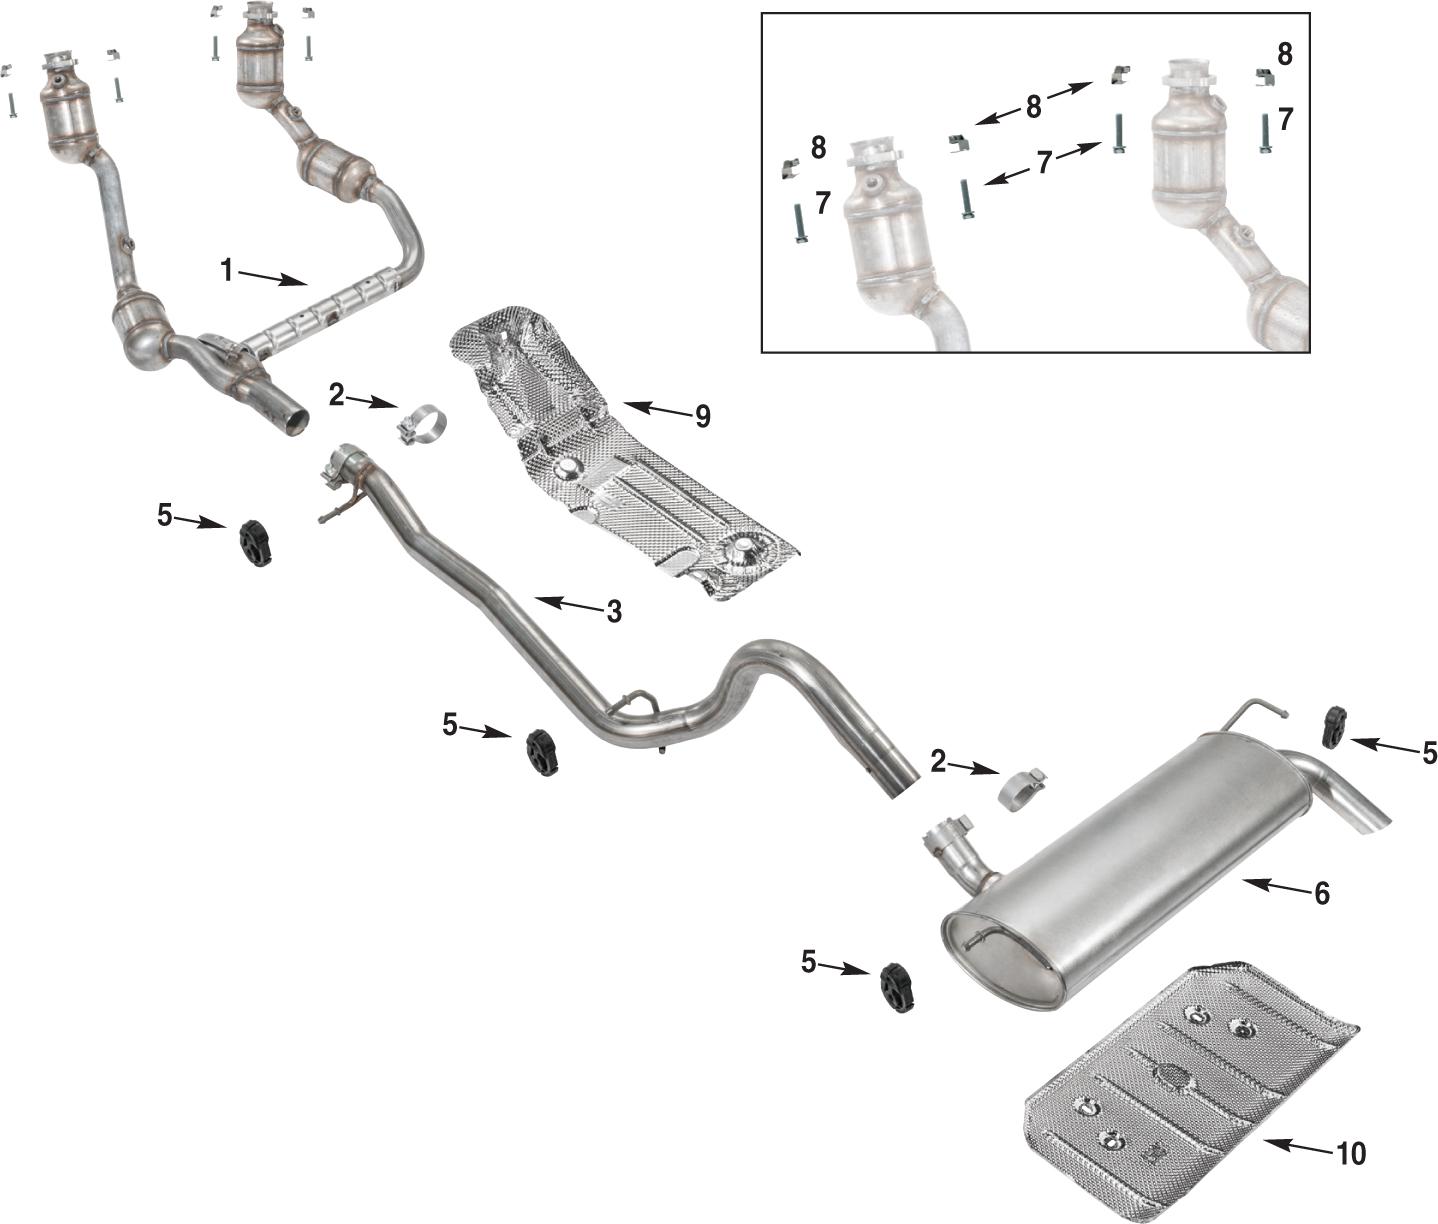 jeep wrangler jk exhaust parts 07 11